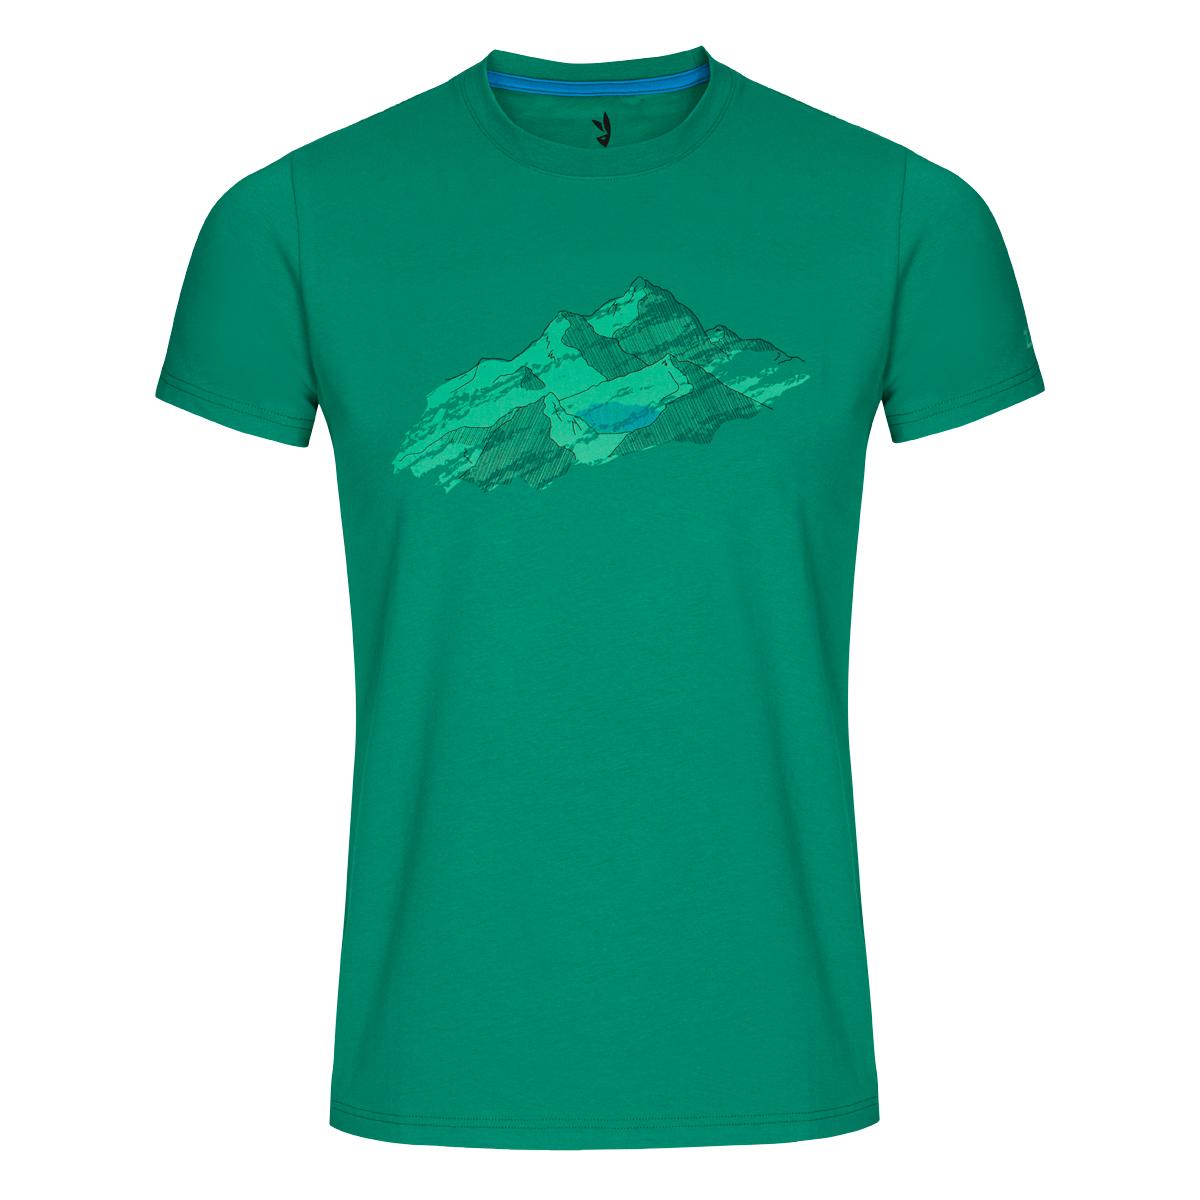 Pánske tričko ZAJO Bormio Grass Green Nature SS - veľkosť S